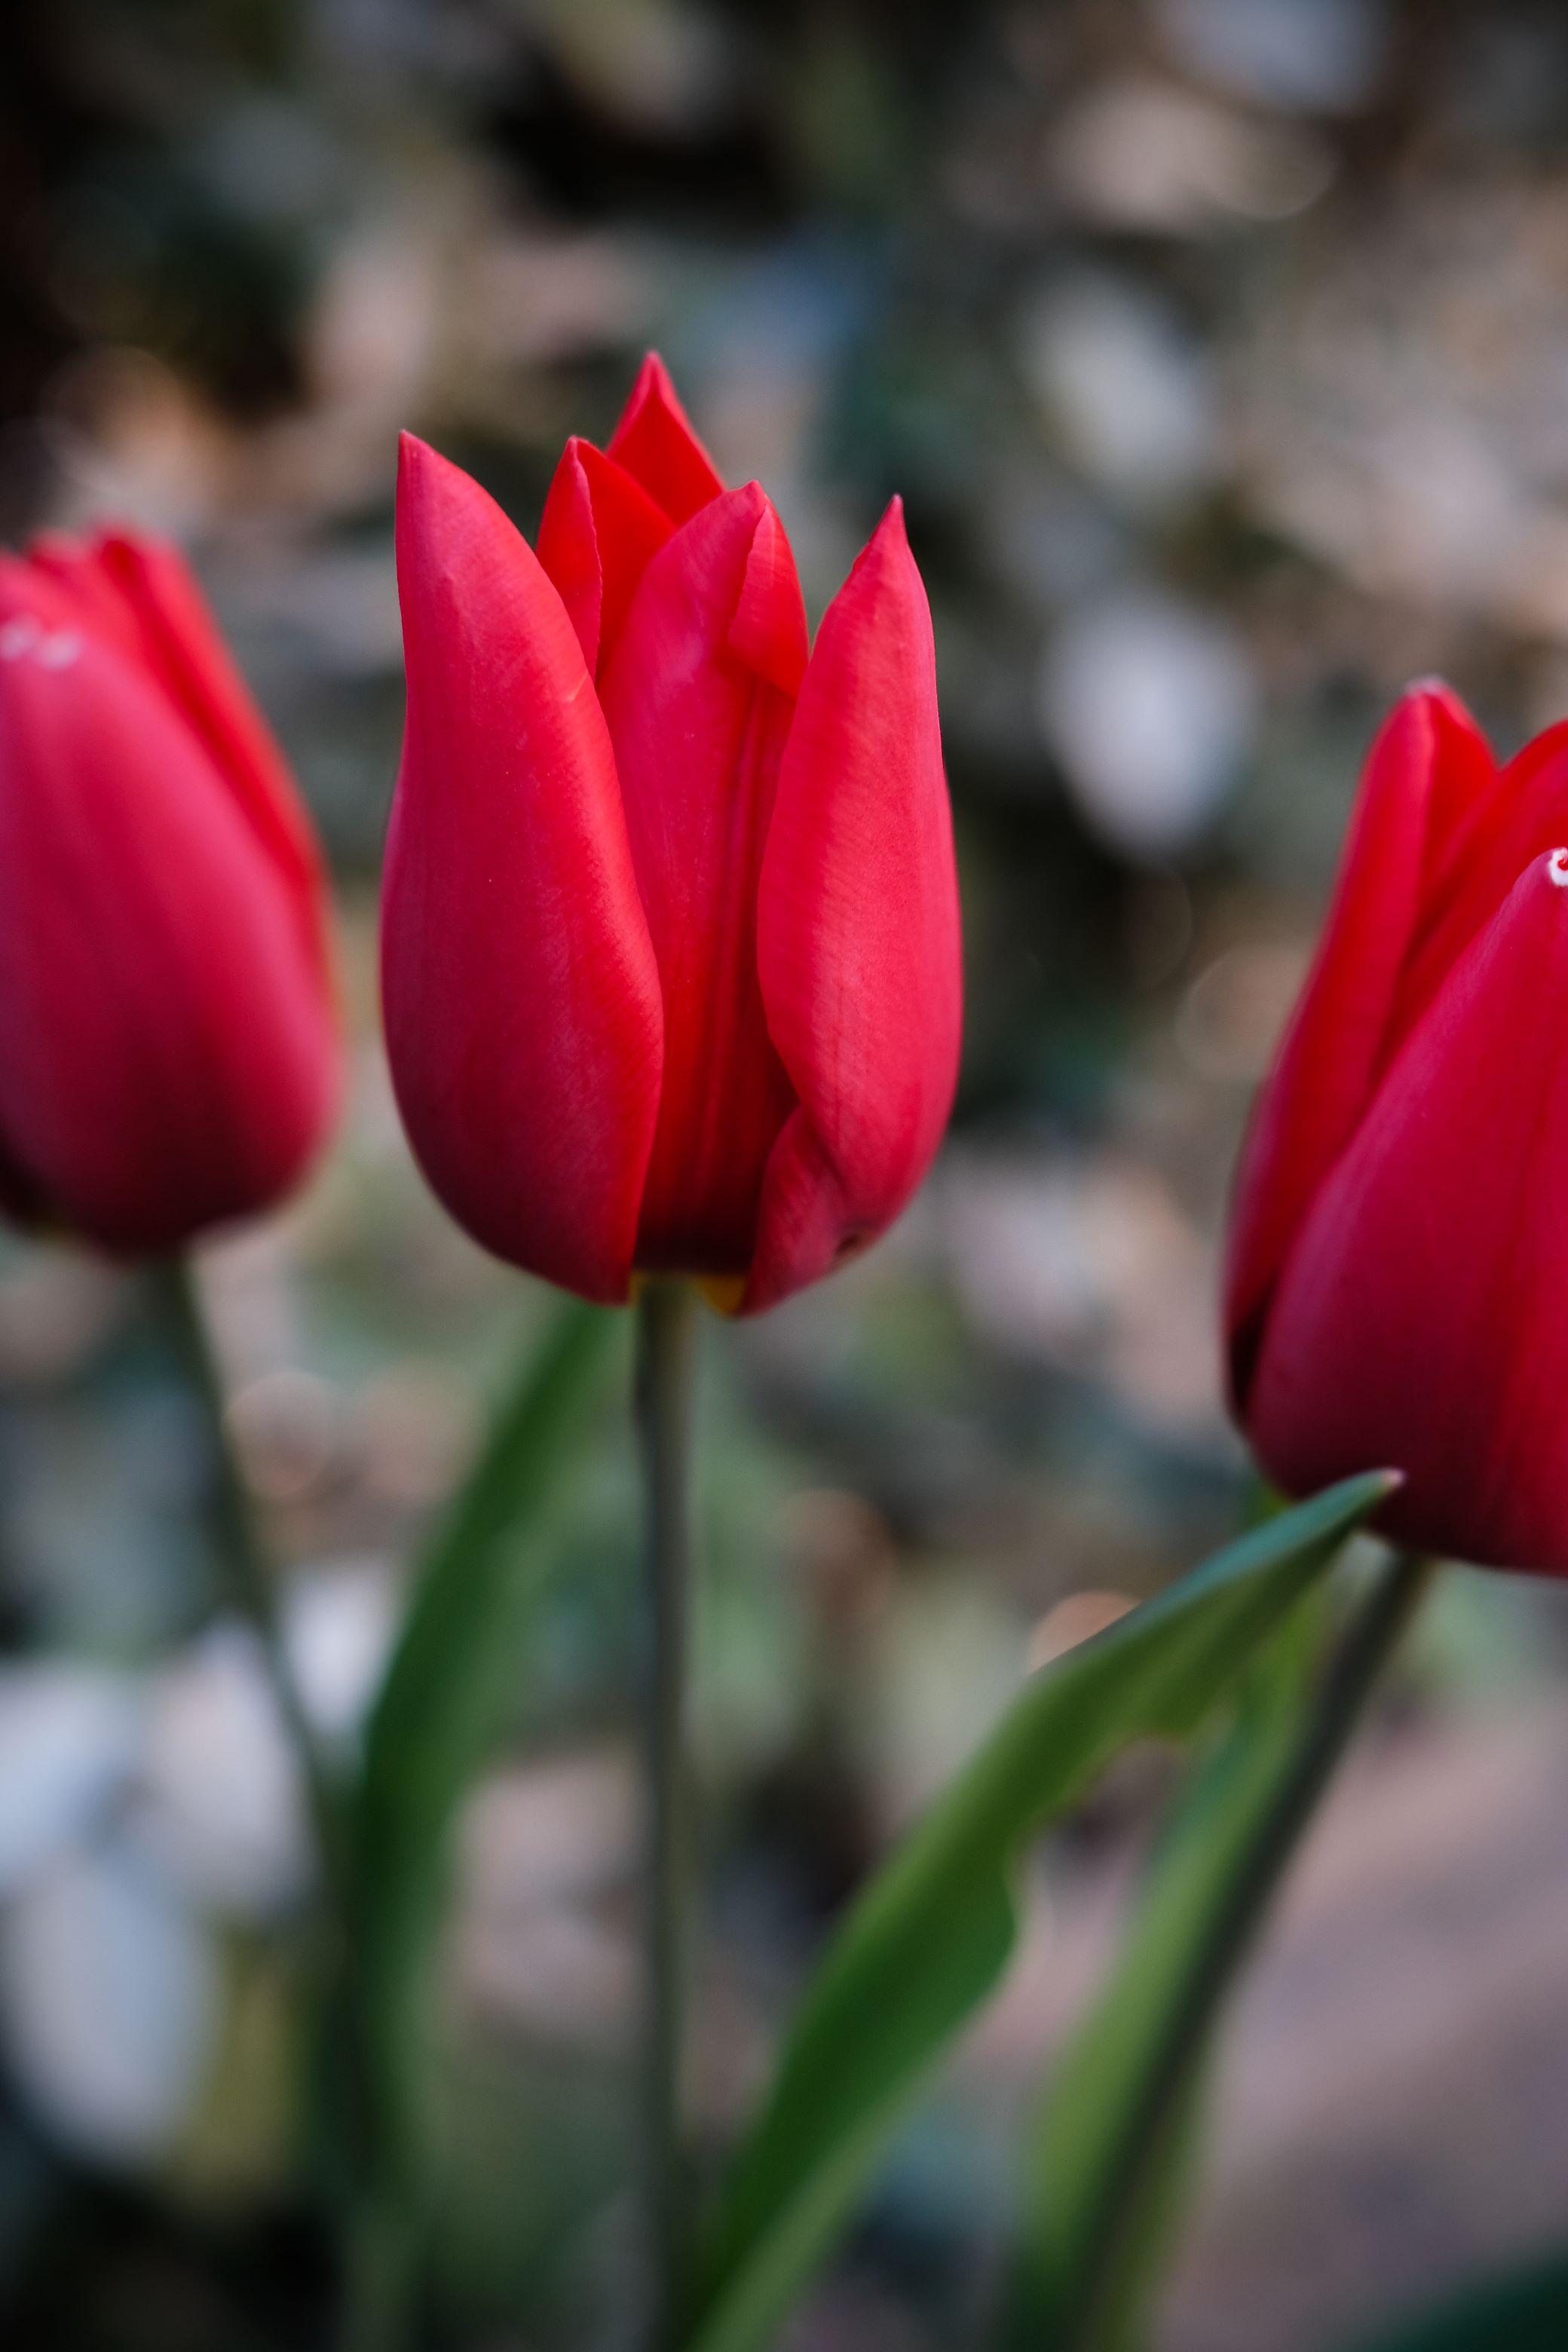 96170 скачать обои Цветы, Растение, Красный, Тюльпаны - заставки и картинки бесплатно